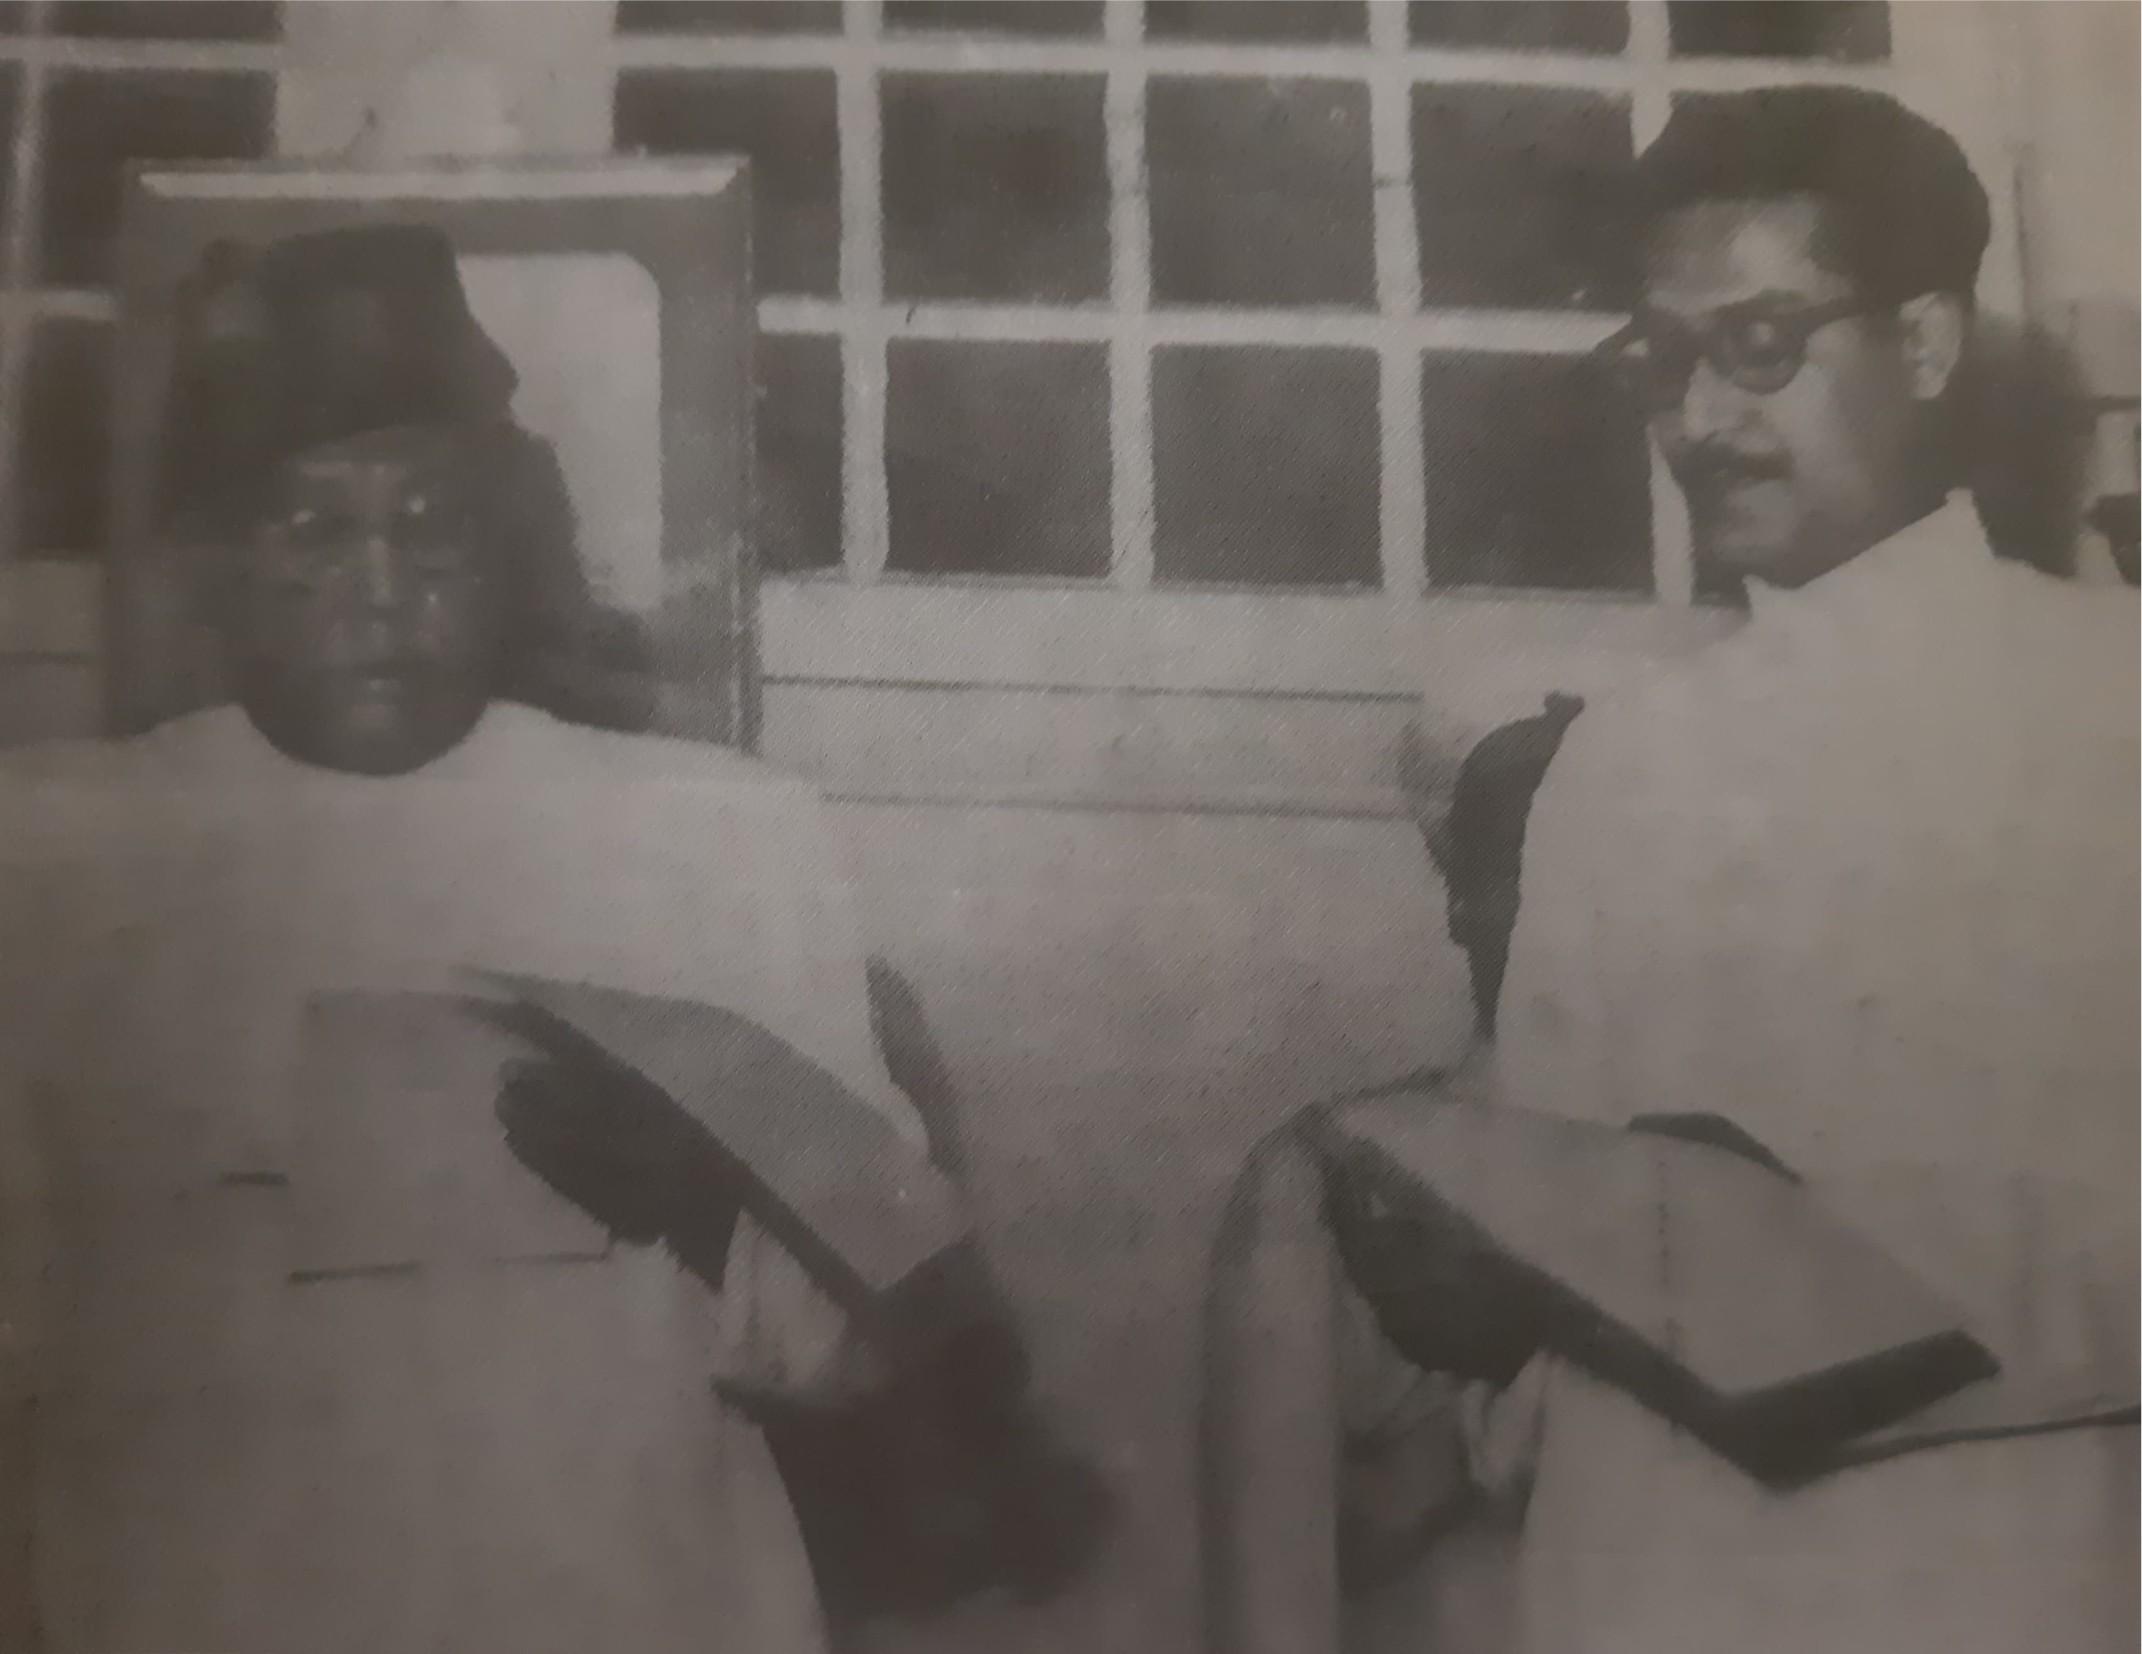 ১৯৫৪ সালে মুখ্যমন্ত্রী শের-এ-বাংলার নিকট বঙ্গবন্ধু কৃষি ও বনমন্ত্রী হিসেবে শপথ নিচ্ছেন